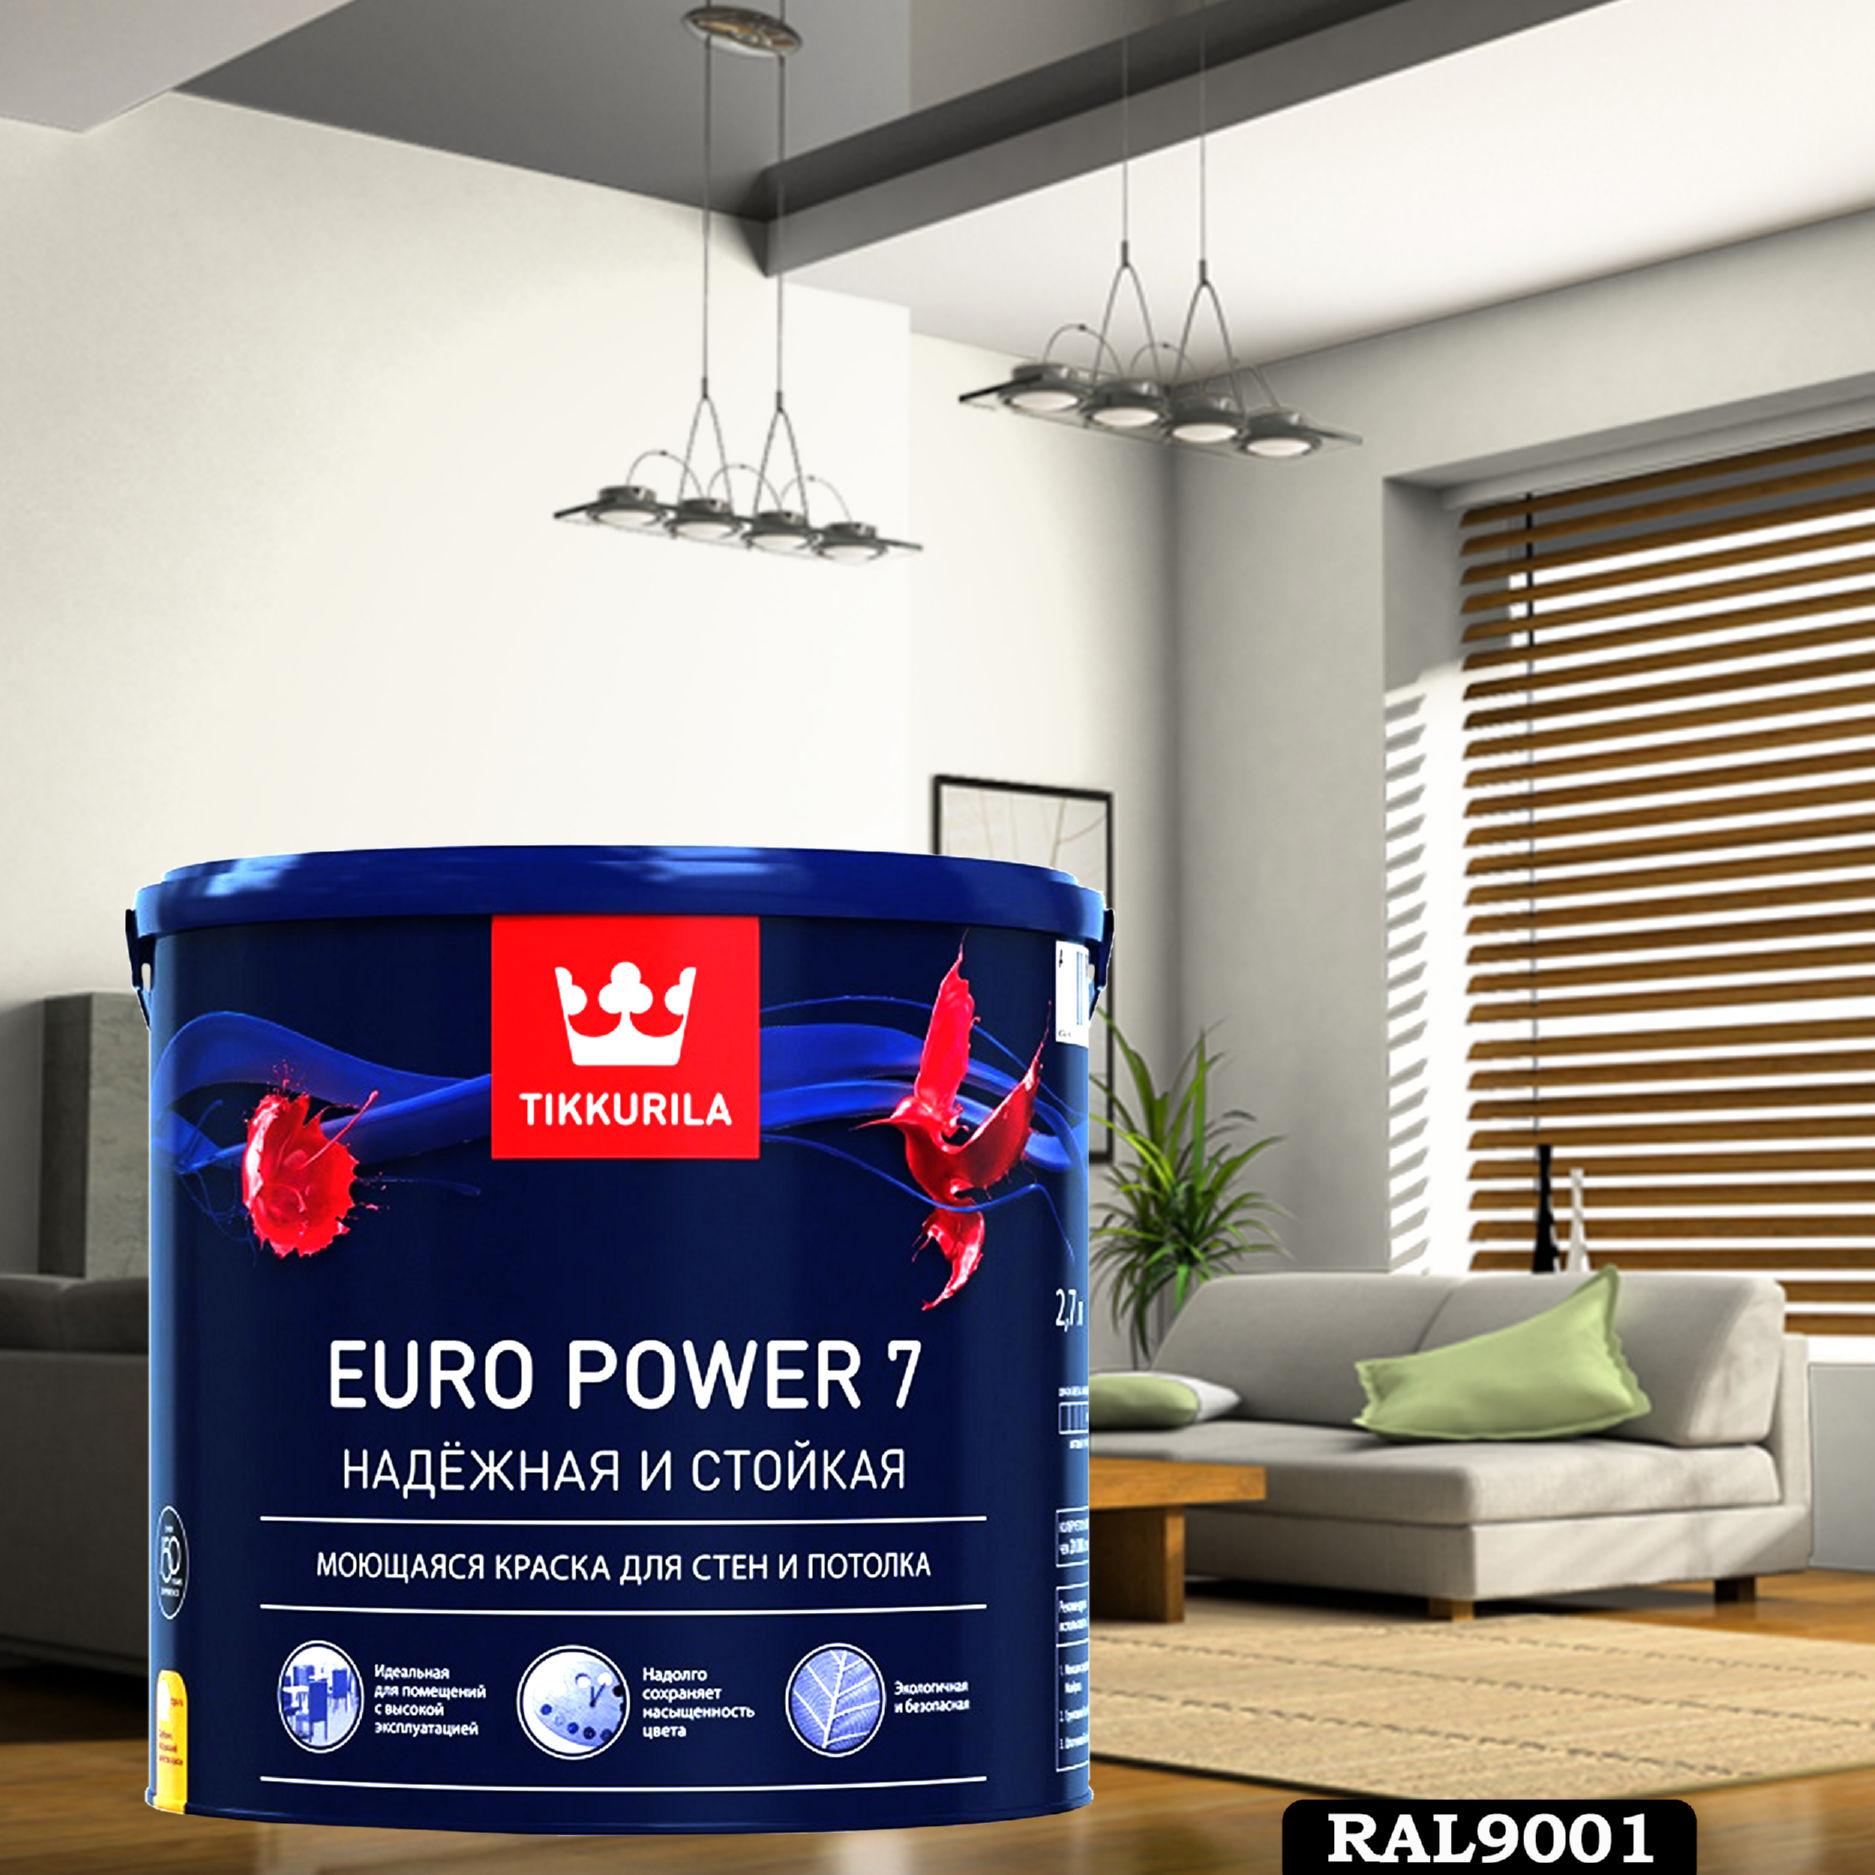 Фото 1 - Краска TIKKURILA Euro Power 7,  RAL 9001 Белый-крем, латексная моющаяся матовая интерьерная, 9 л.